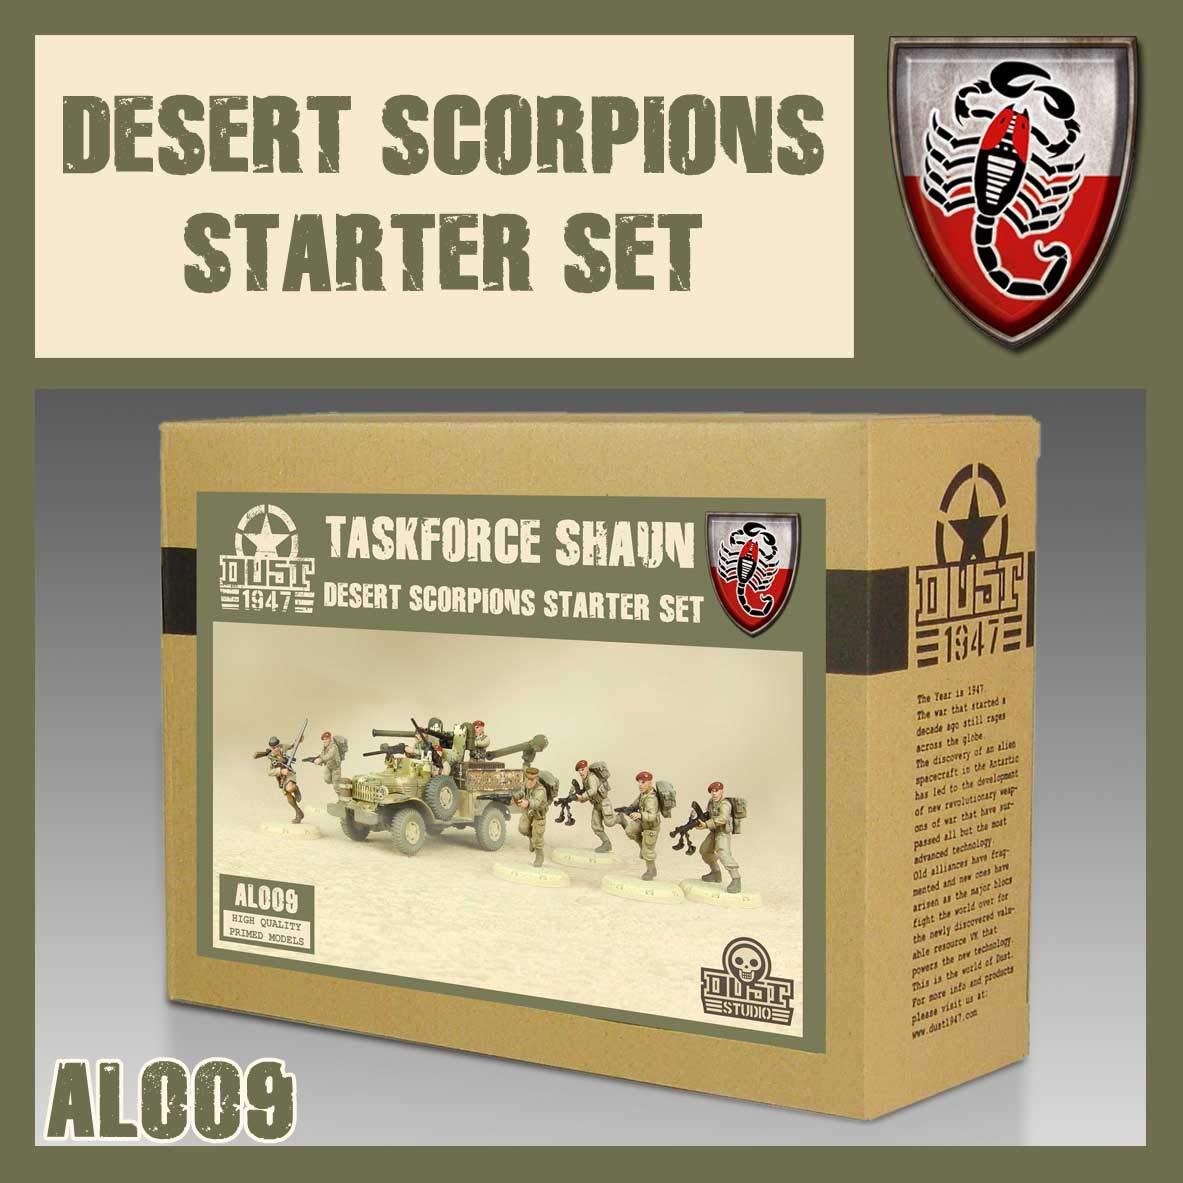 Allied Desert Scorpions Starter Set Taskforce Shaun DUST 1947